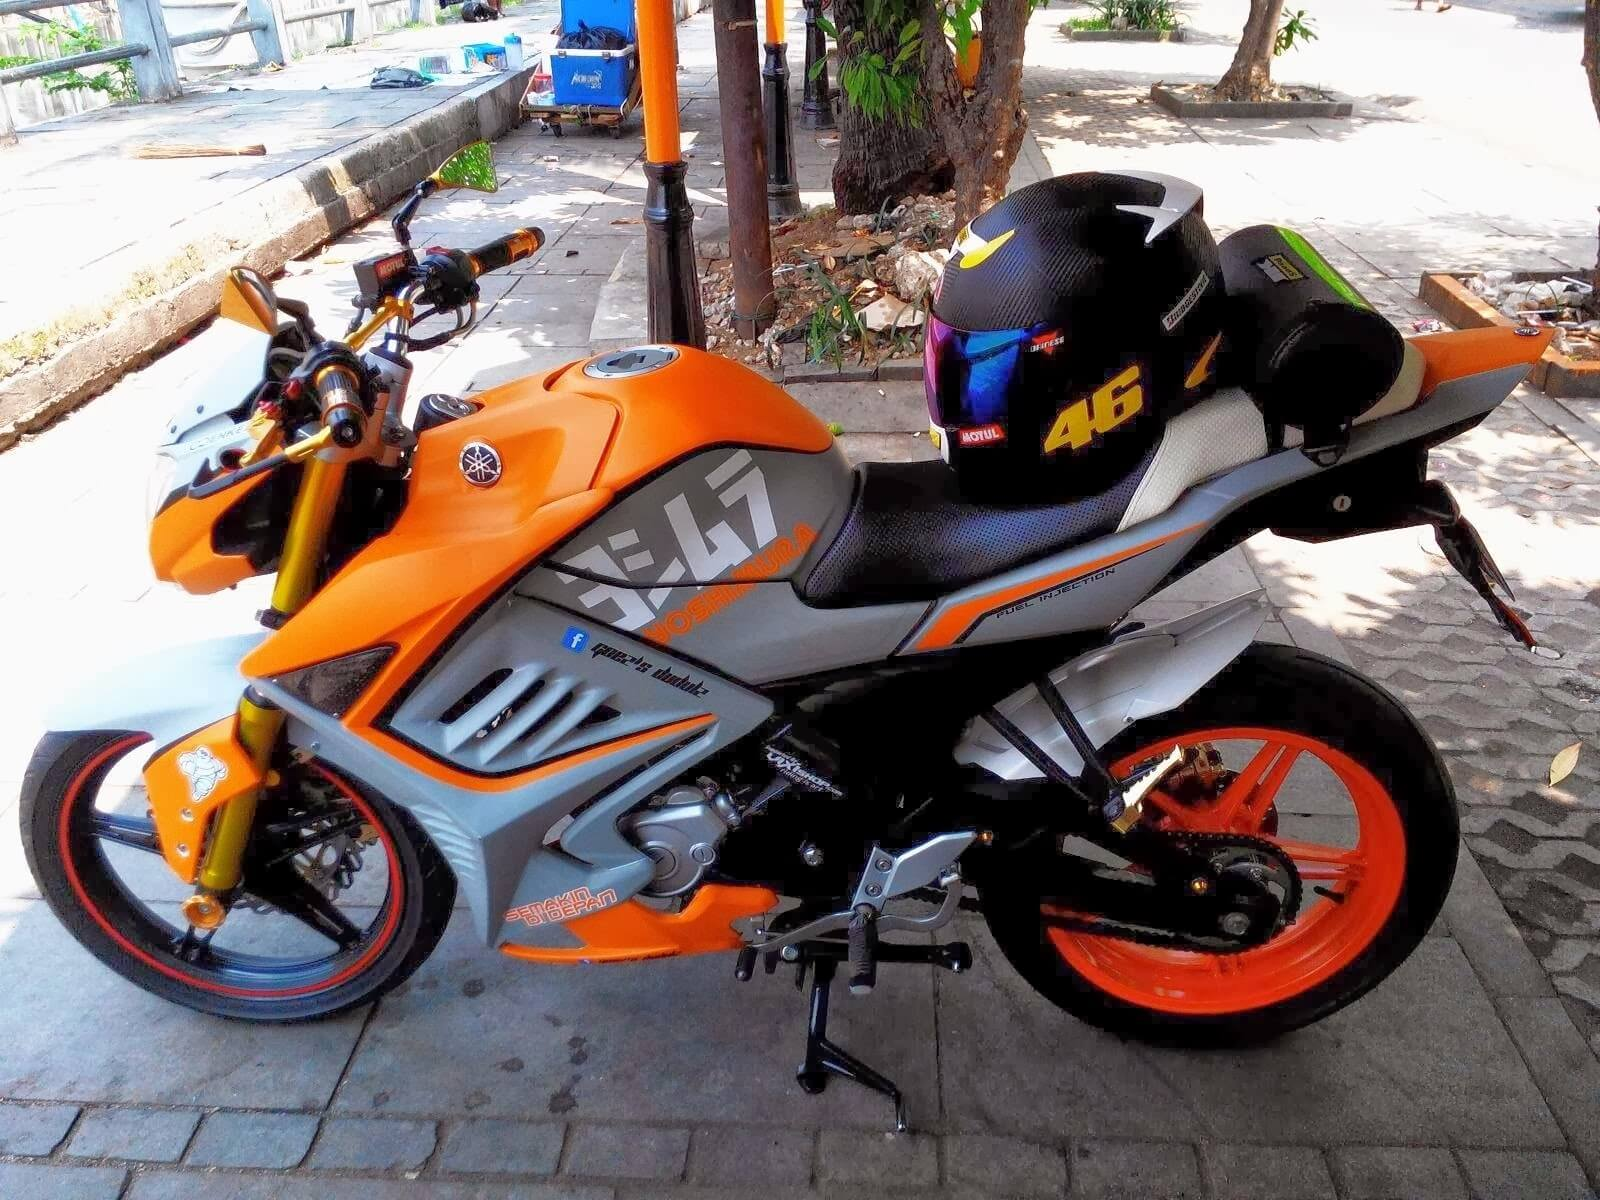 Gambar Modifikasi Motor Yamaha Vixion Terbaru Dan Terbaik